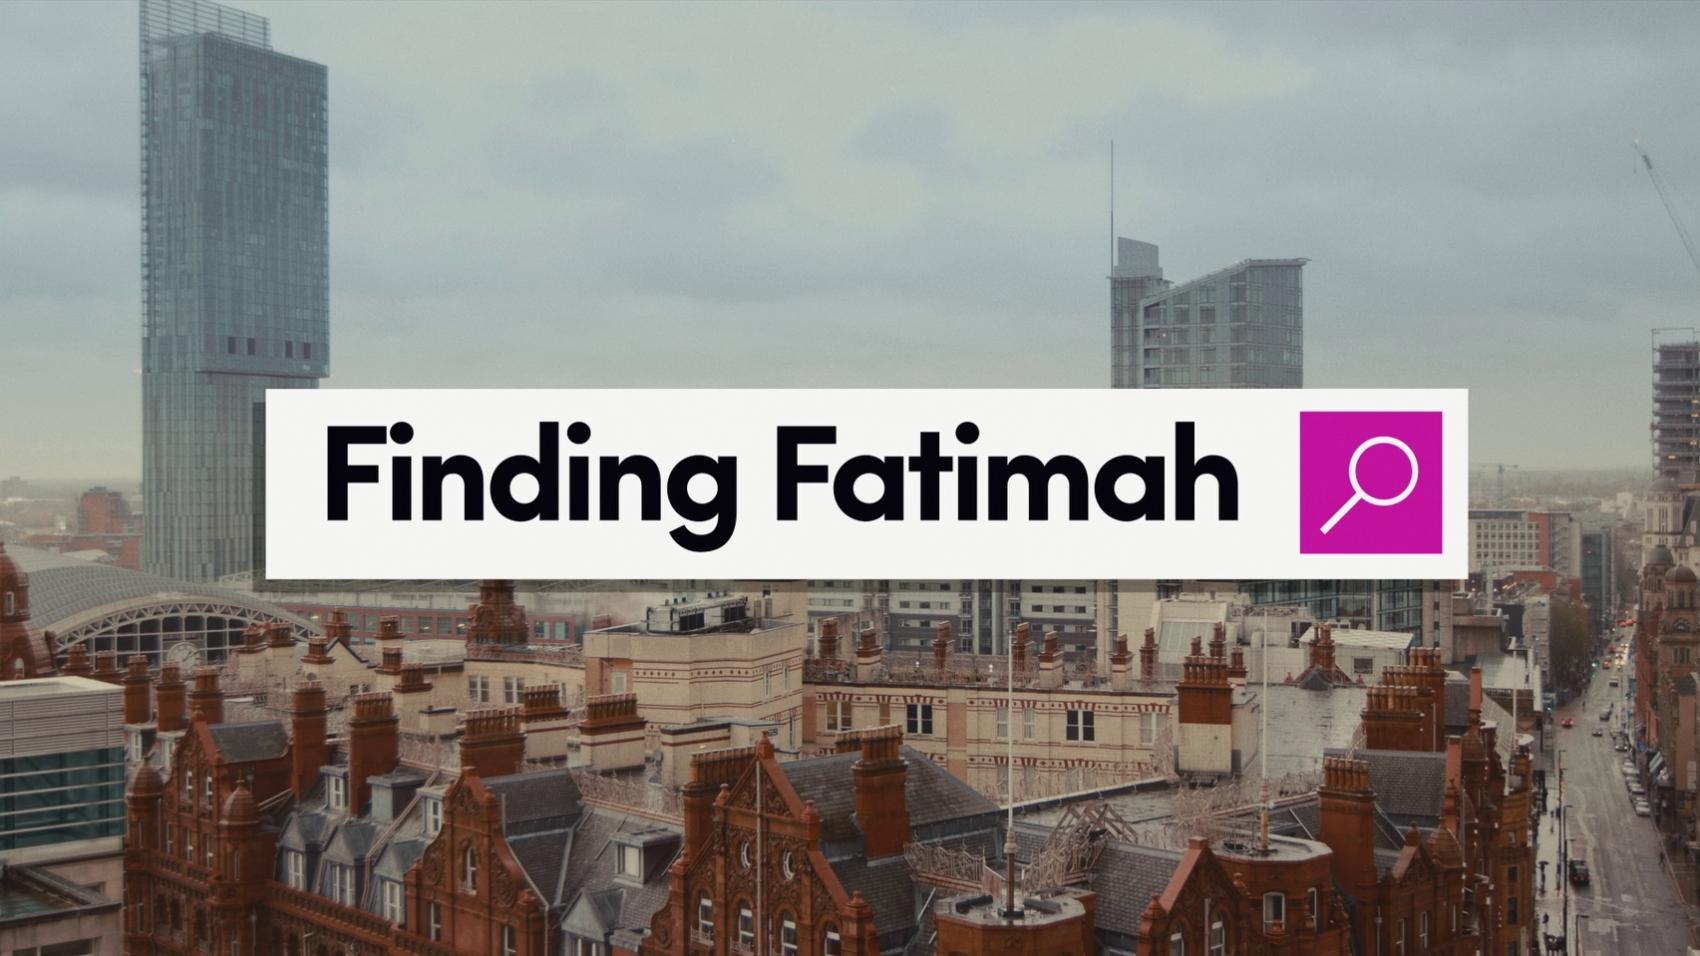 Finding Fatimah logo